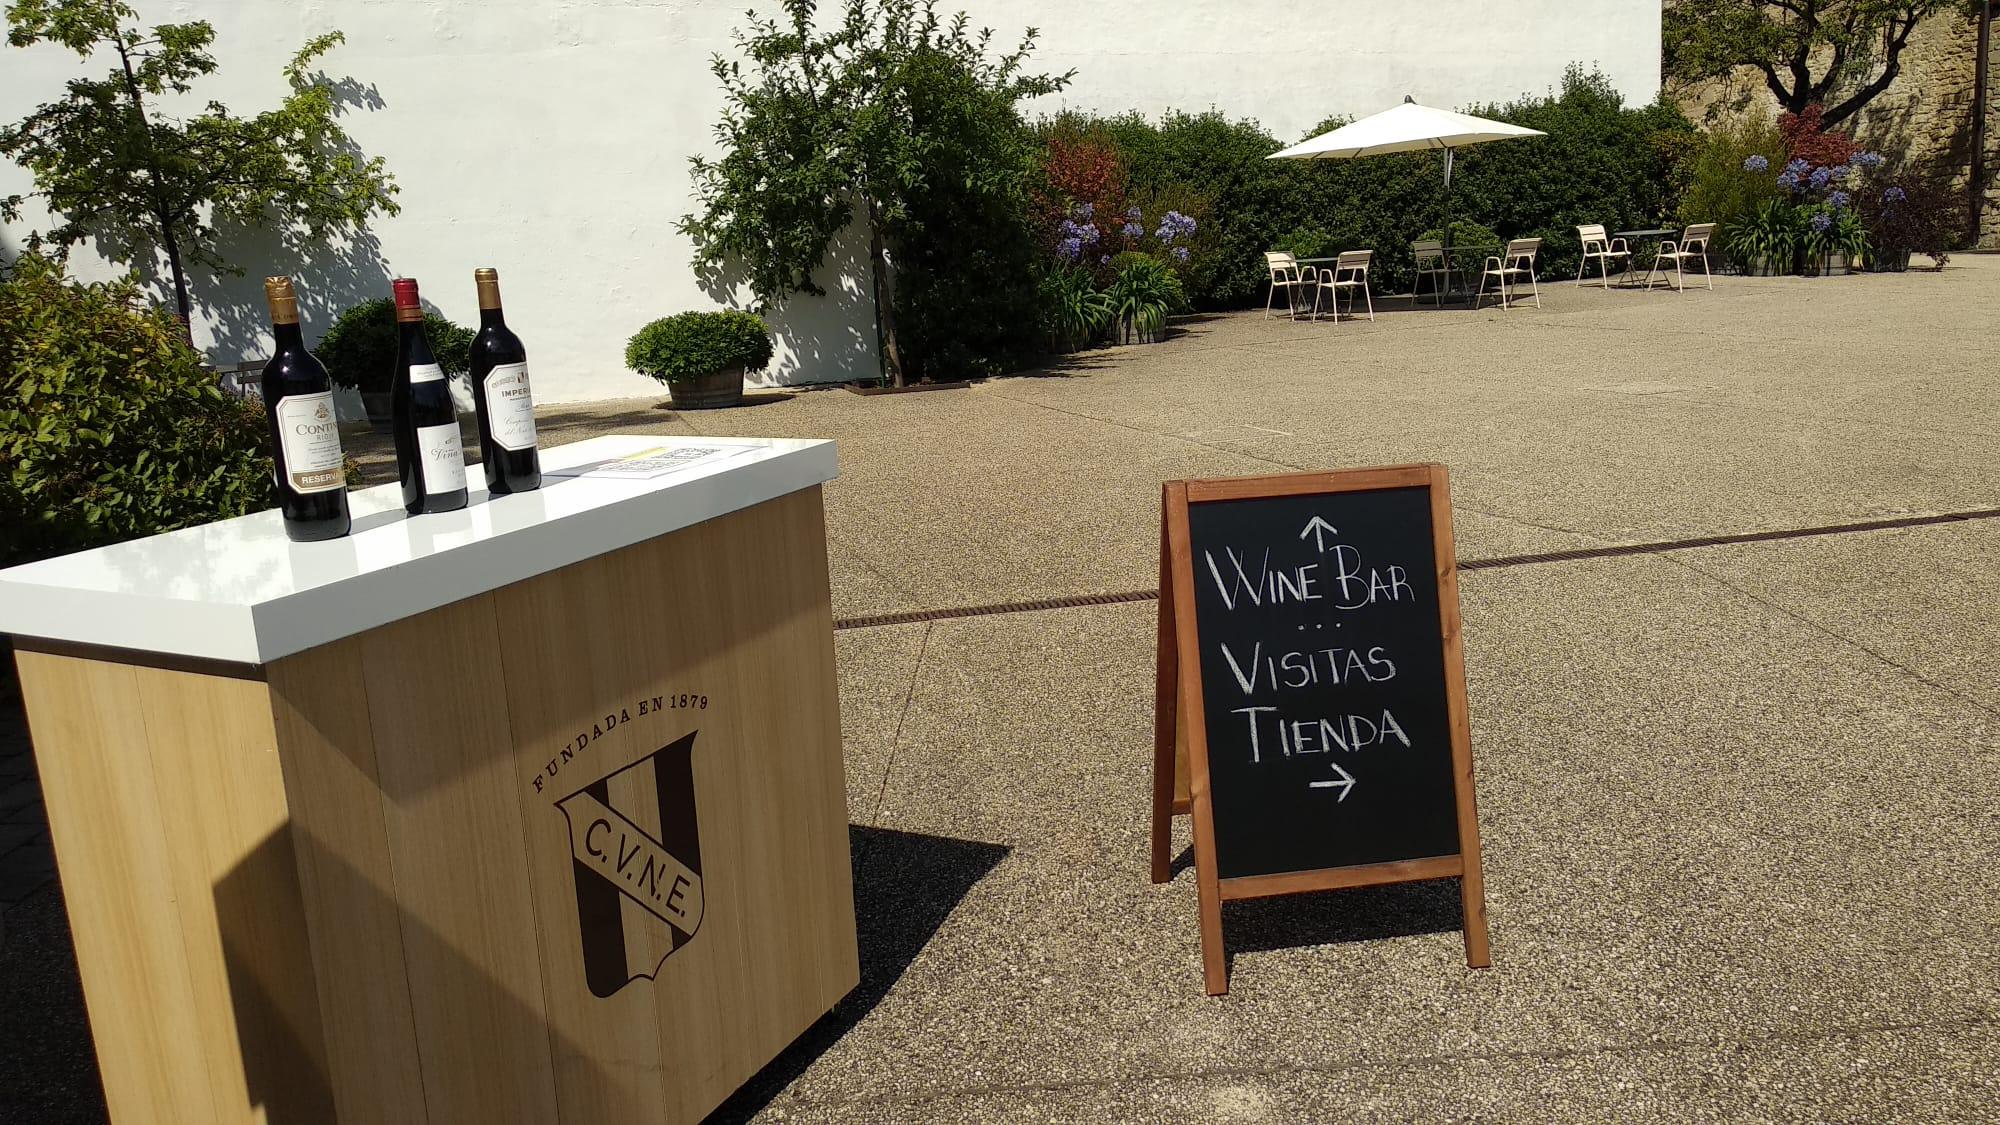 CVNE lanza un fotomatón para personalizar vinos en su bodega de Haro y amplía sus planes para este verano 5